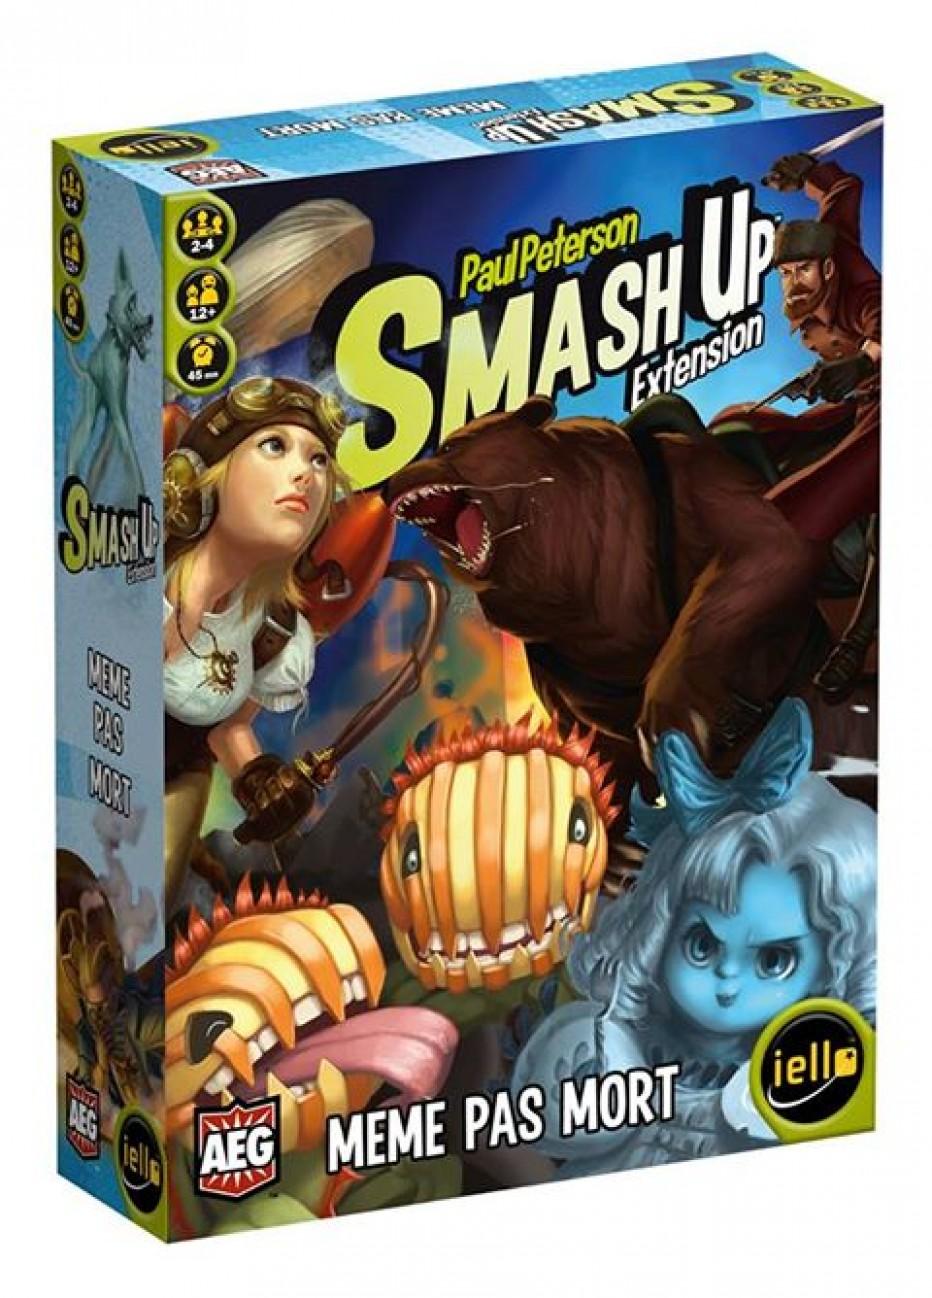 Smash Up: MEME PAS MORT!